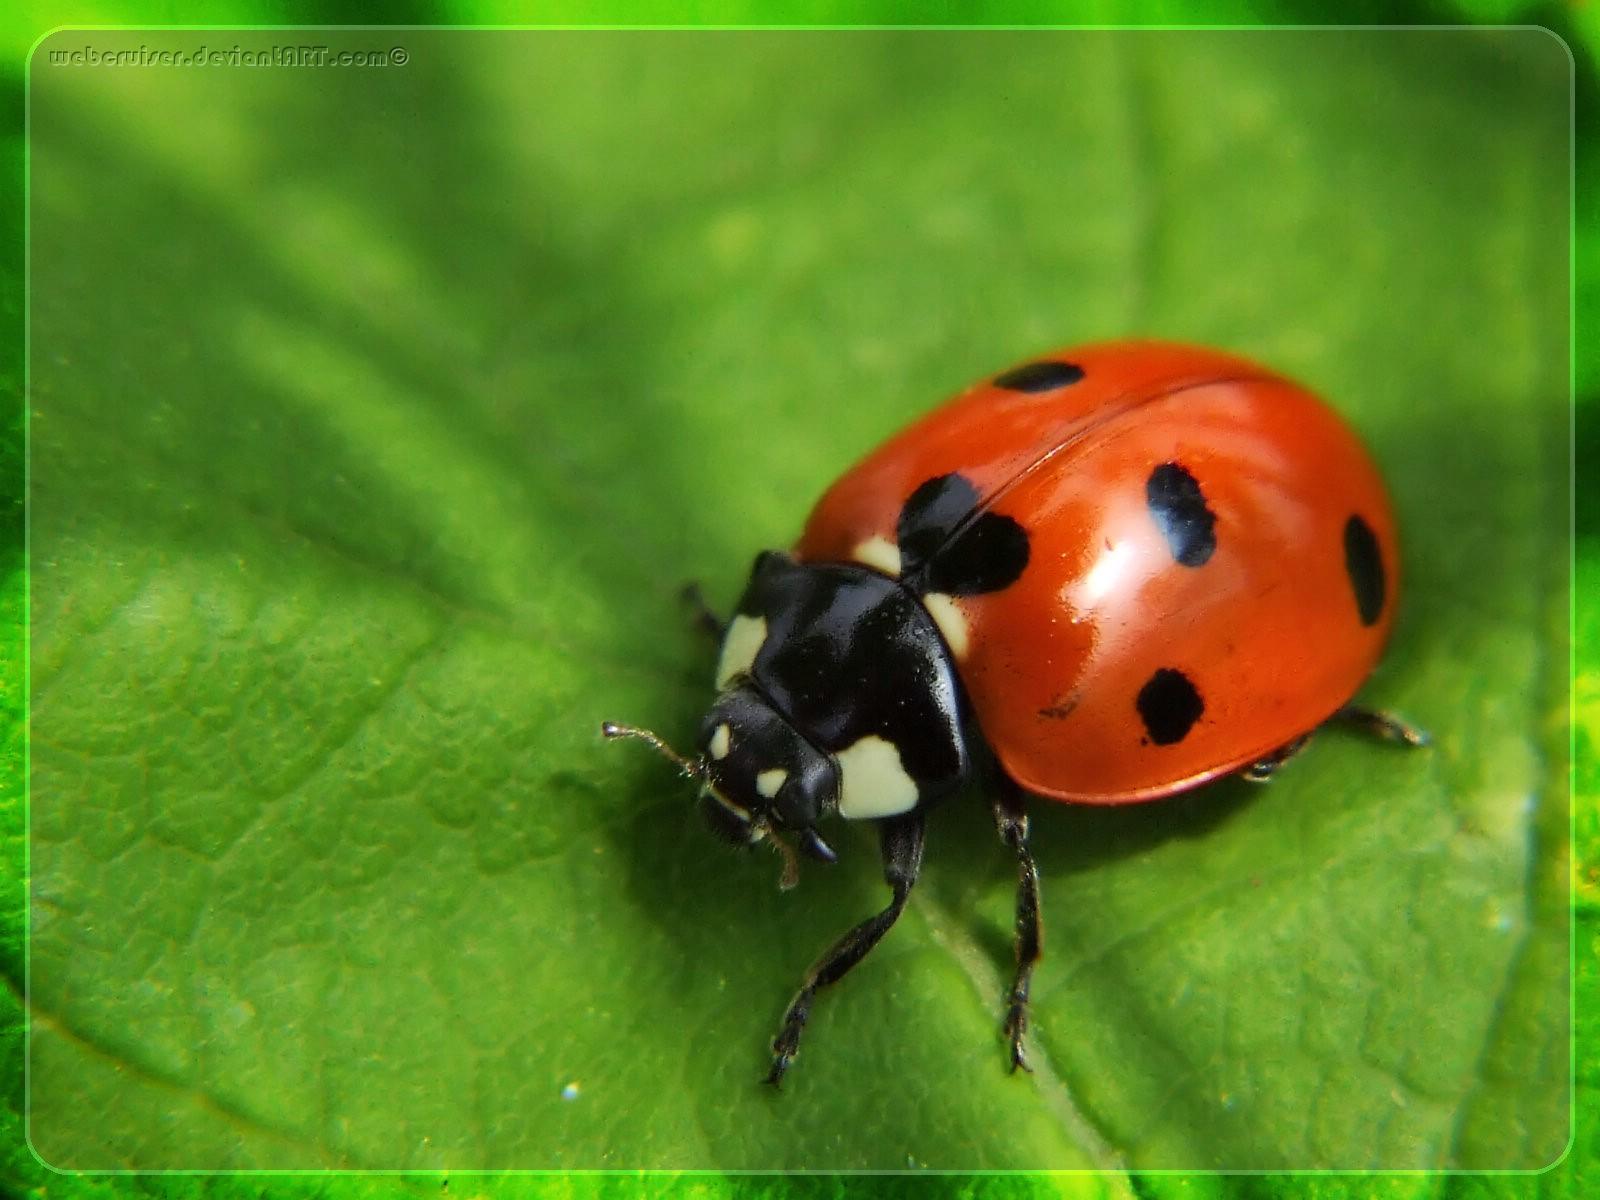 Kumbang kepik atau kumbang koksi